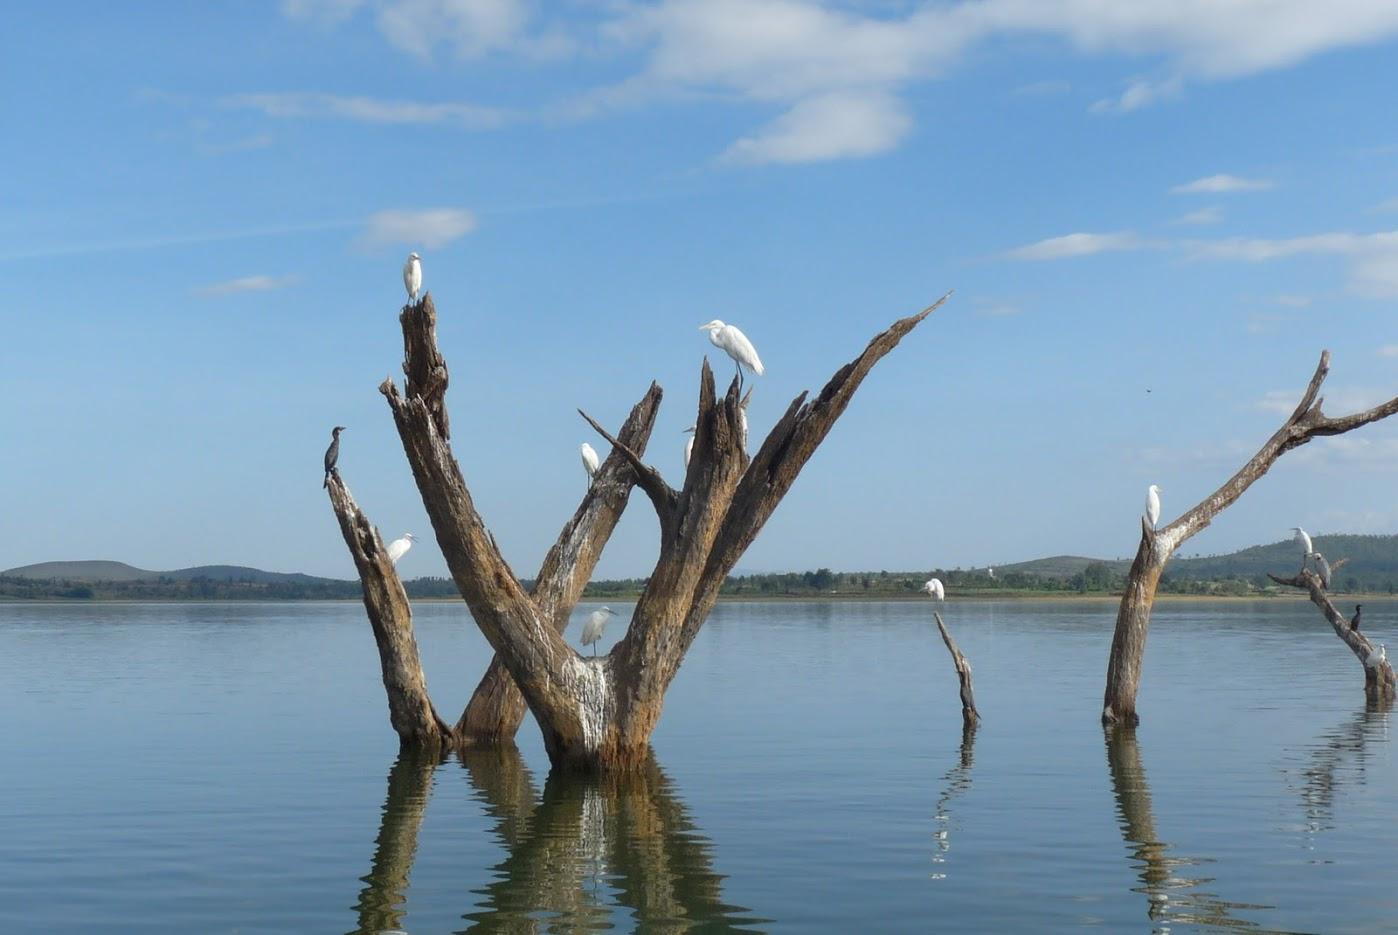 birds on dead tree trunks